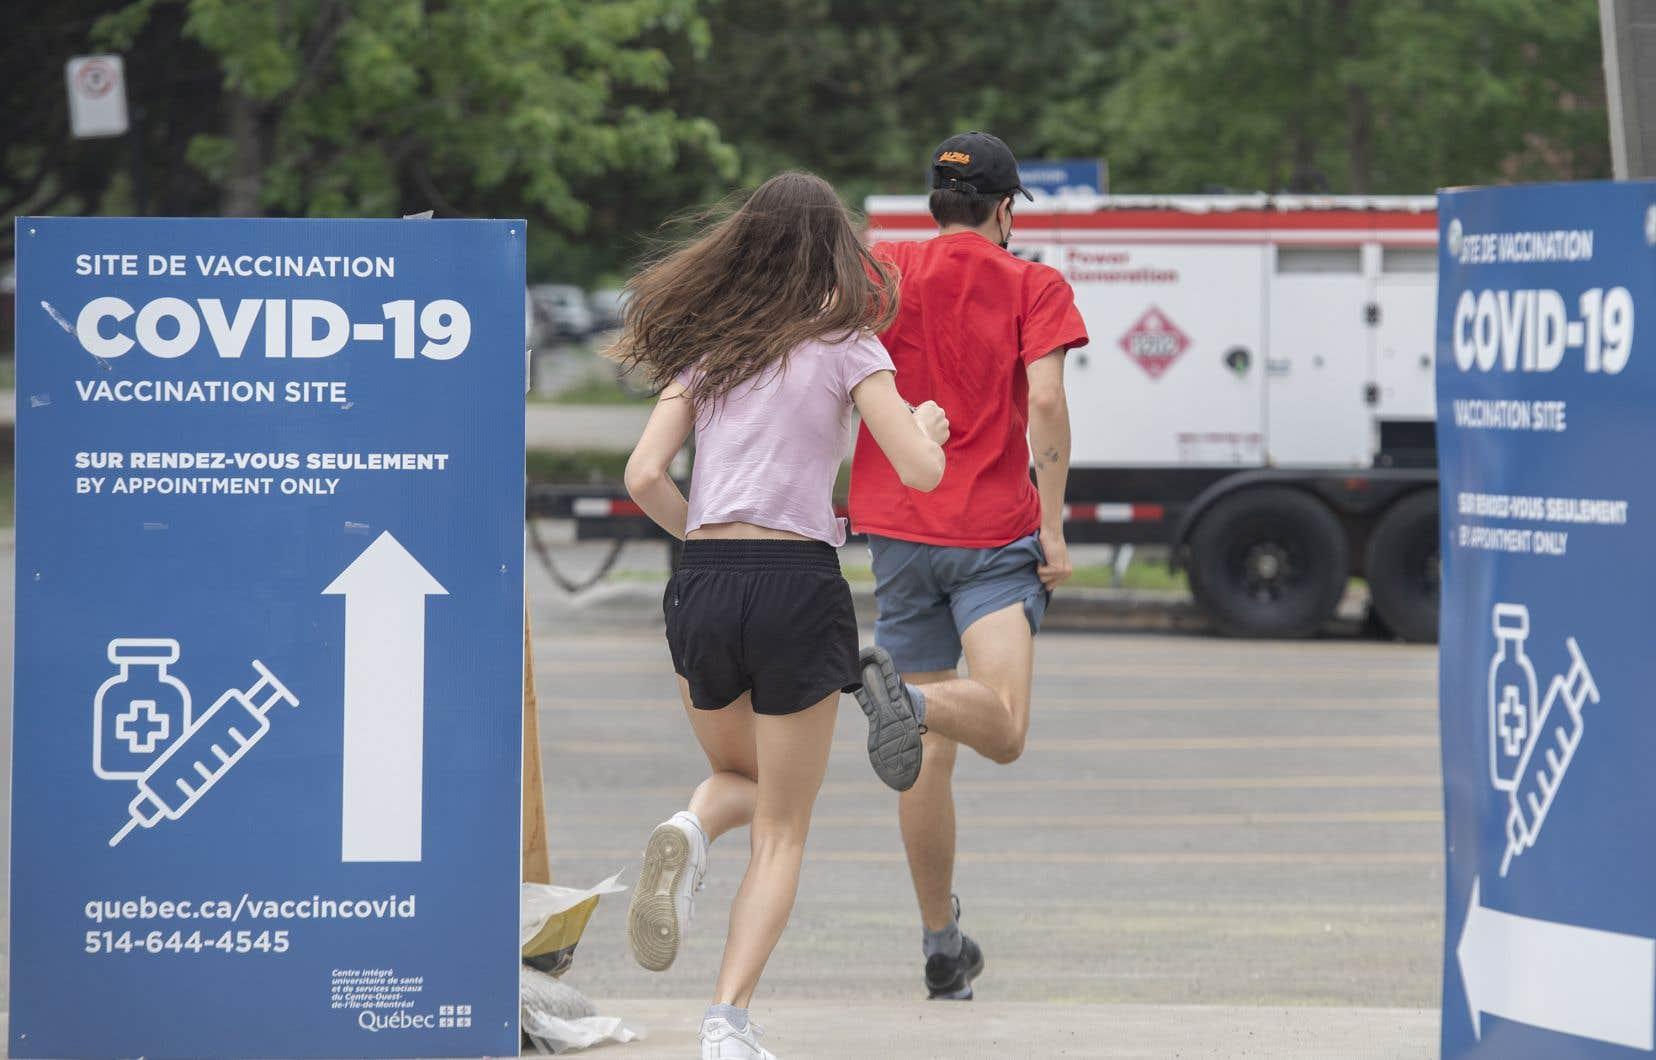 La Direction régionale de Santé publique de Montréal n'a pas caché son désir de générer un engouement auprès des jeunes, d'où l'idée de s'associer à la Guilde du jeu vidéo du Québec.